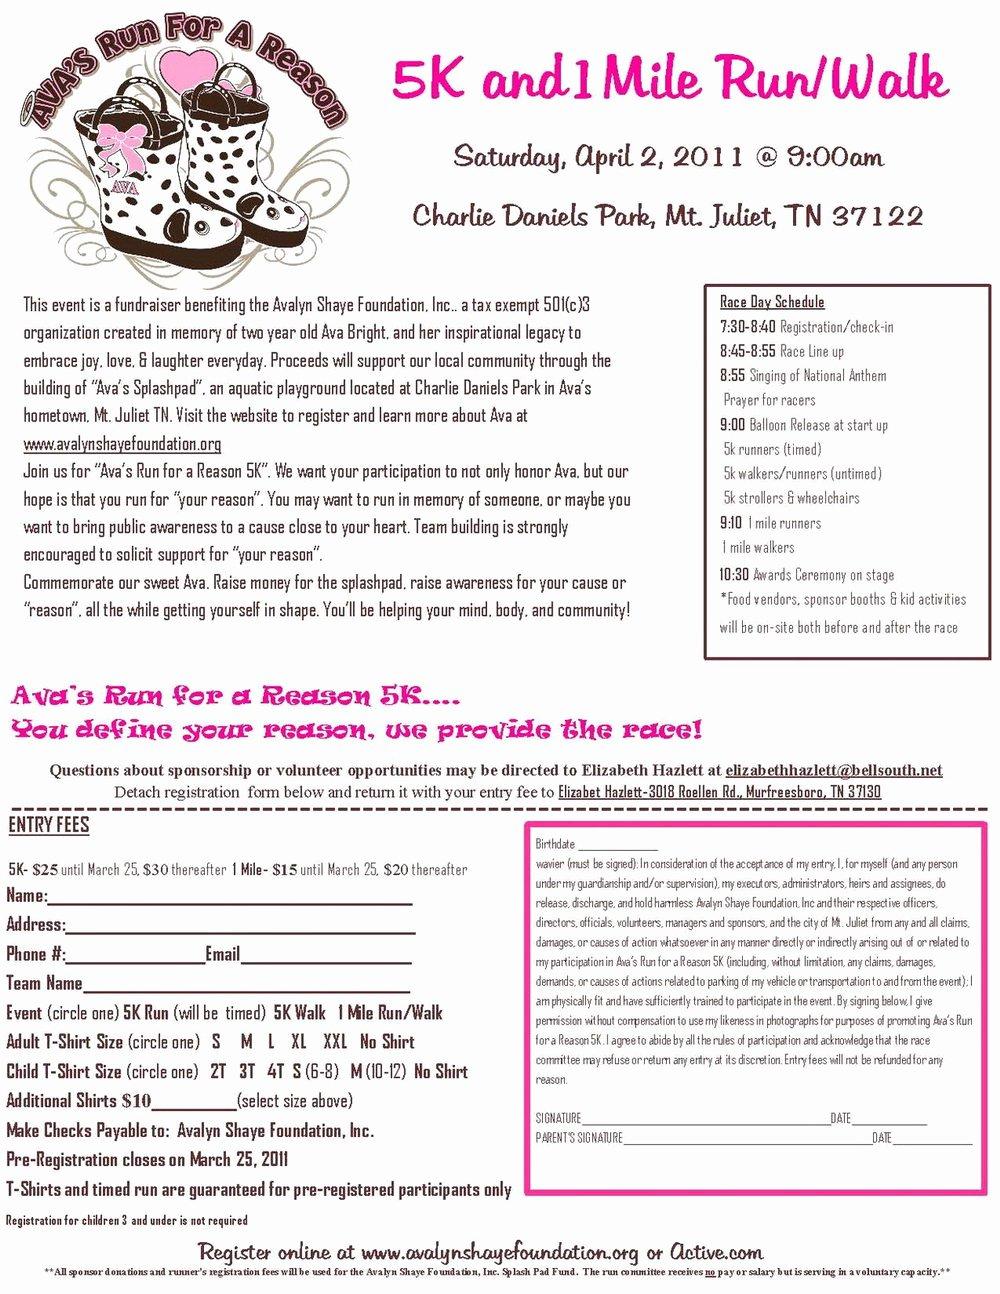 5k Registration form Template Fresh 5k Registration form Word forms 6147